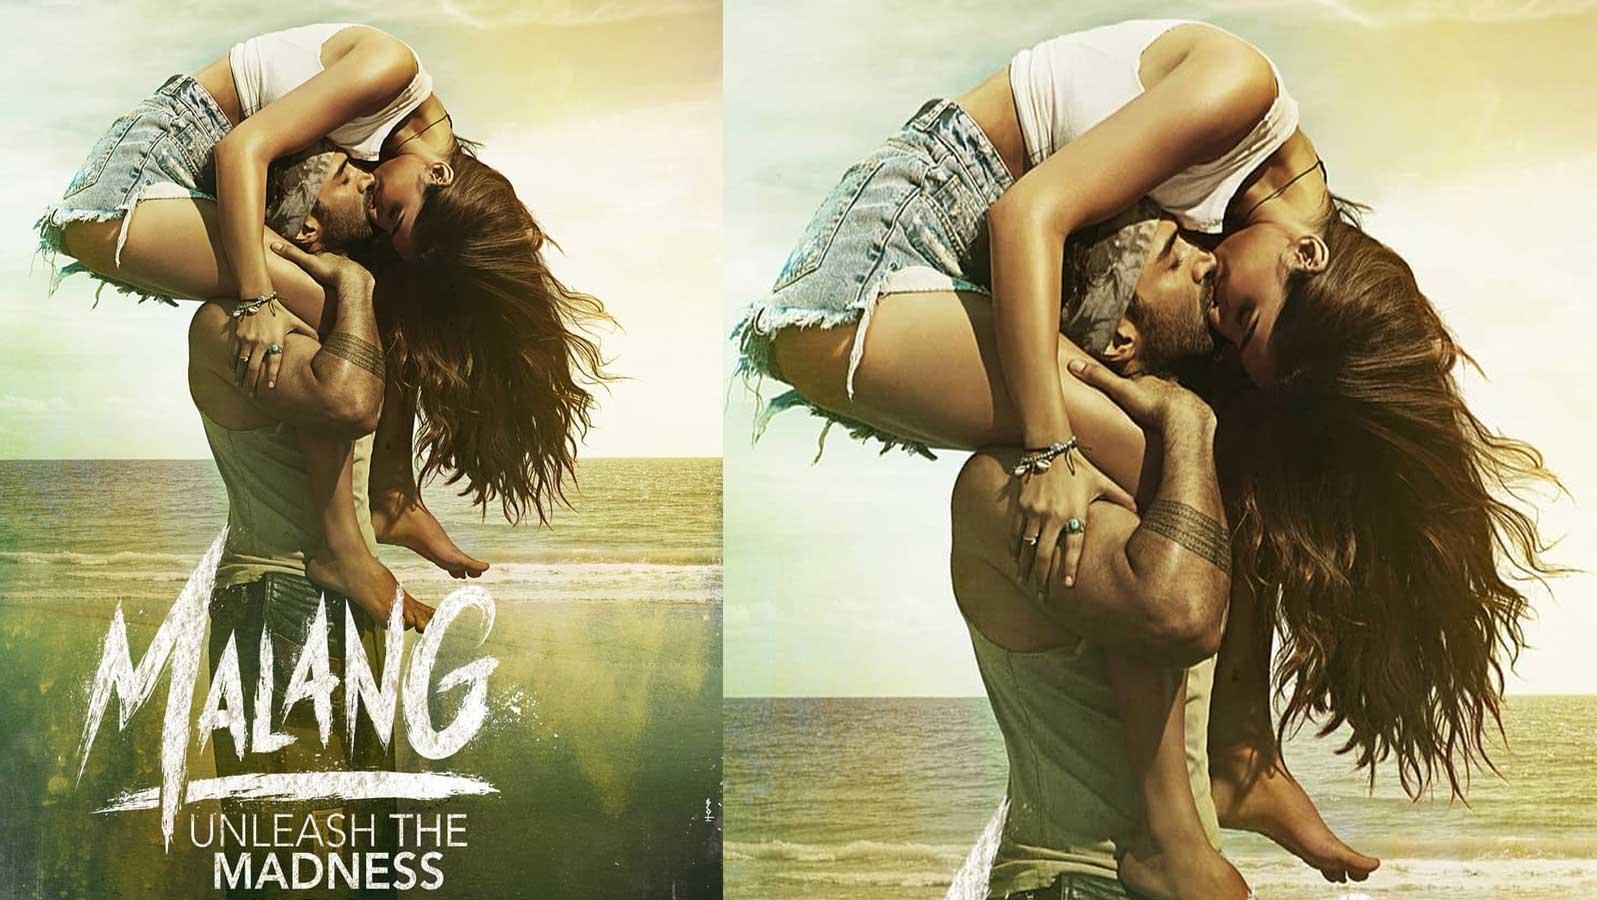 Malang New Poster Disha Patani And Aditya Roy Kapur Share A Passionate Kiss Hindi Movie News Times Of India